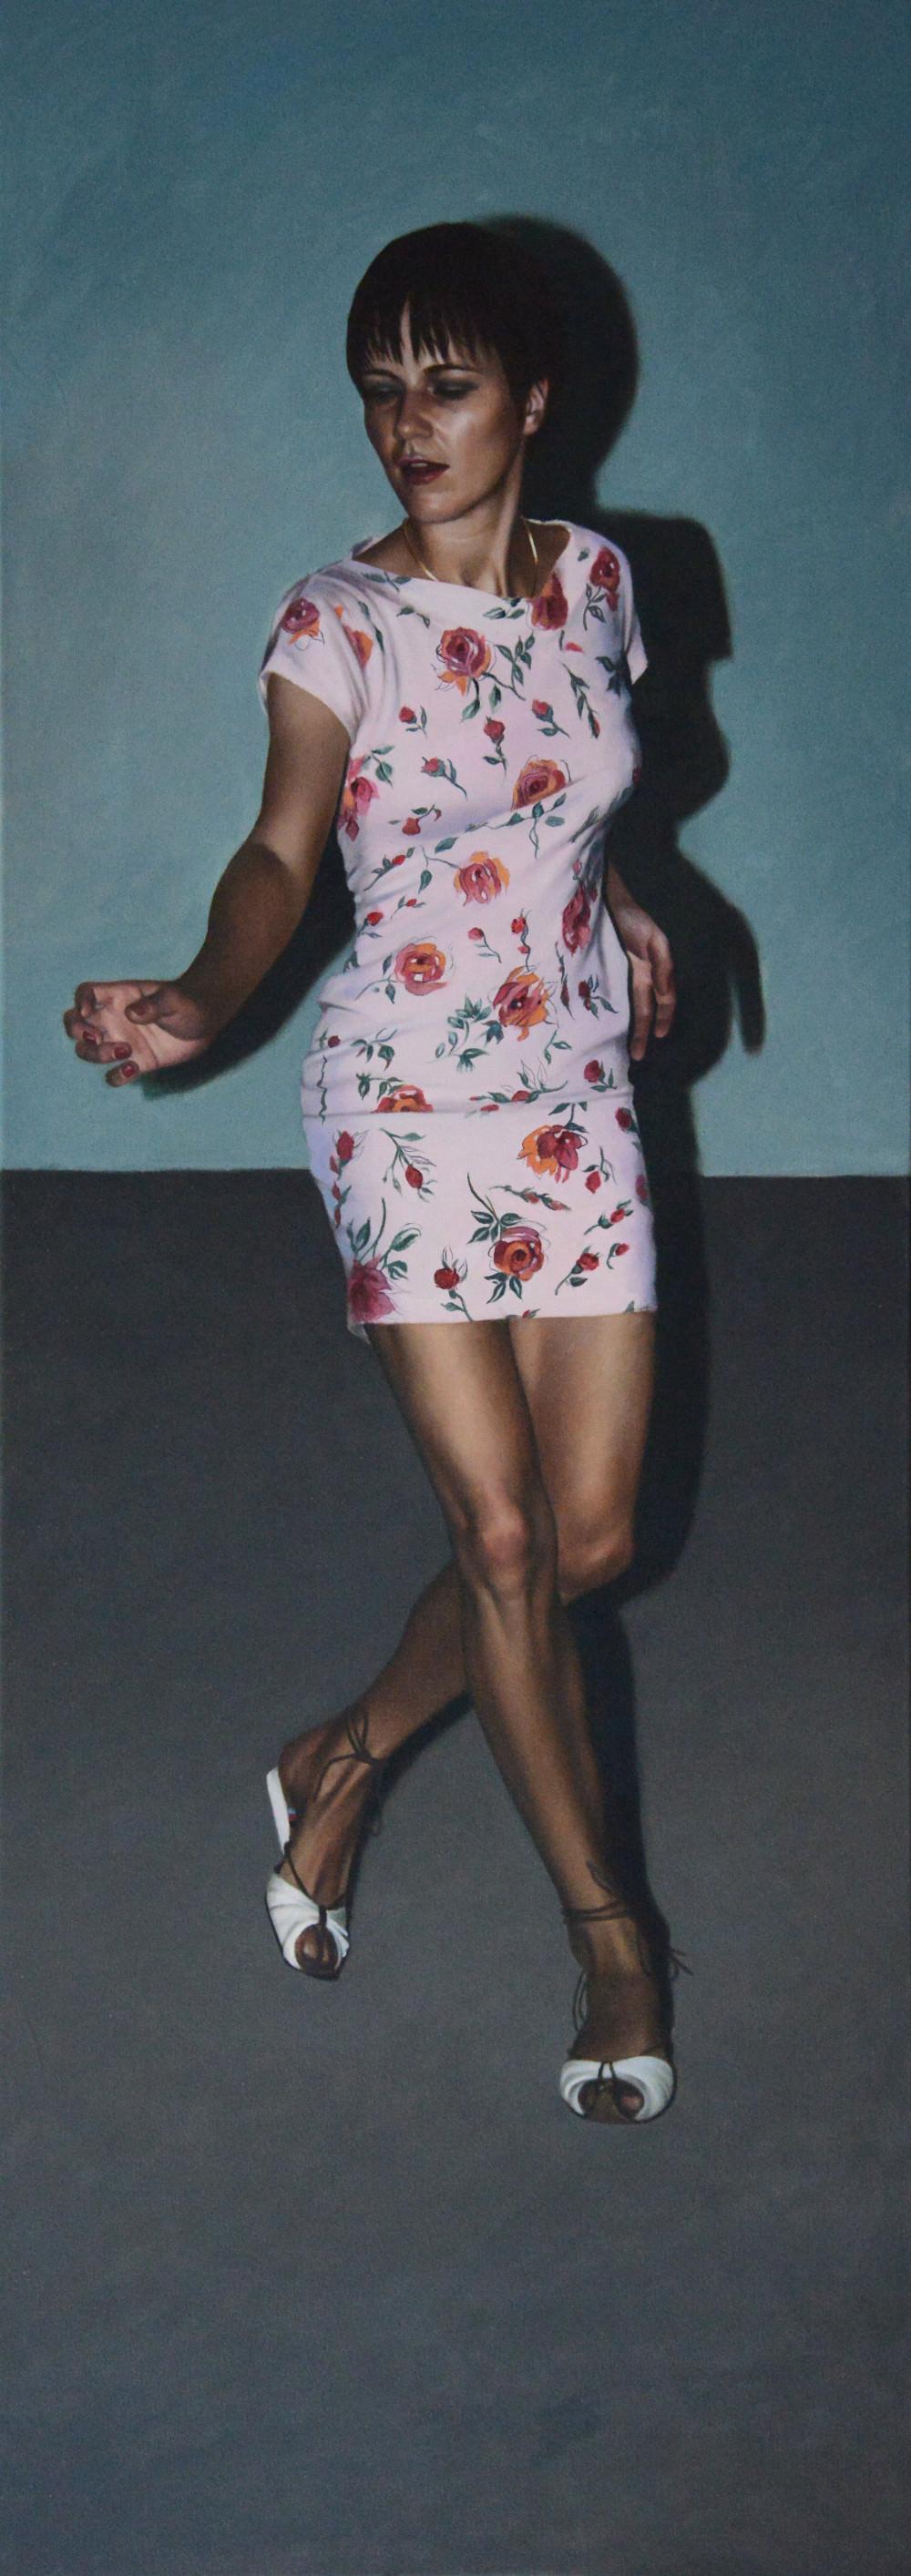 The Dancing Queen